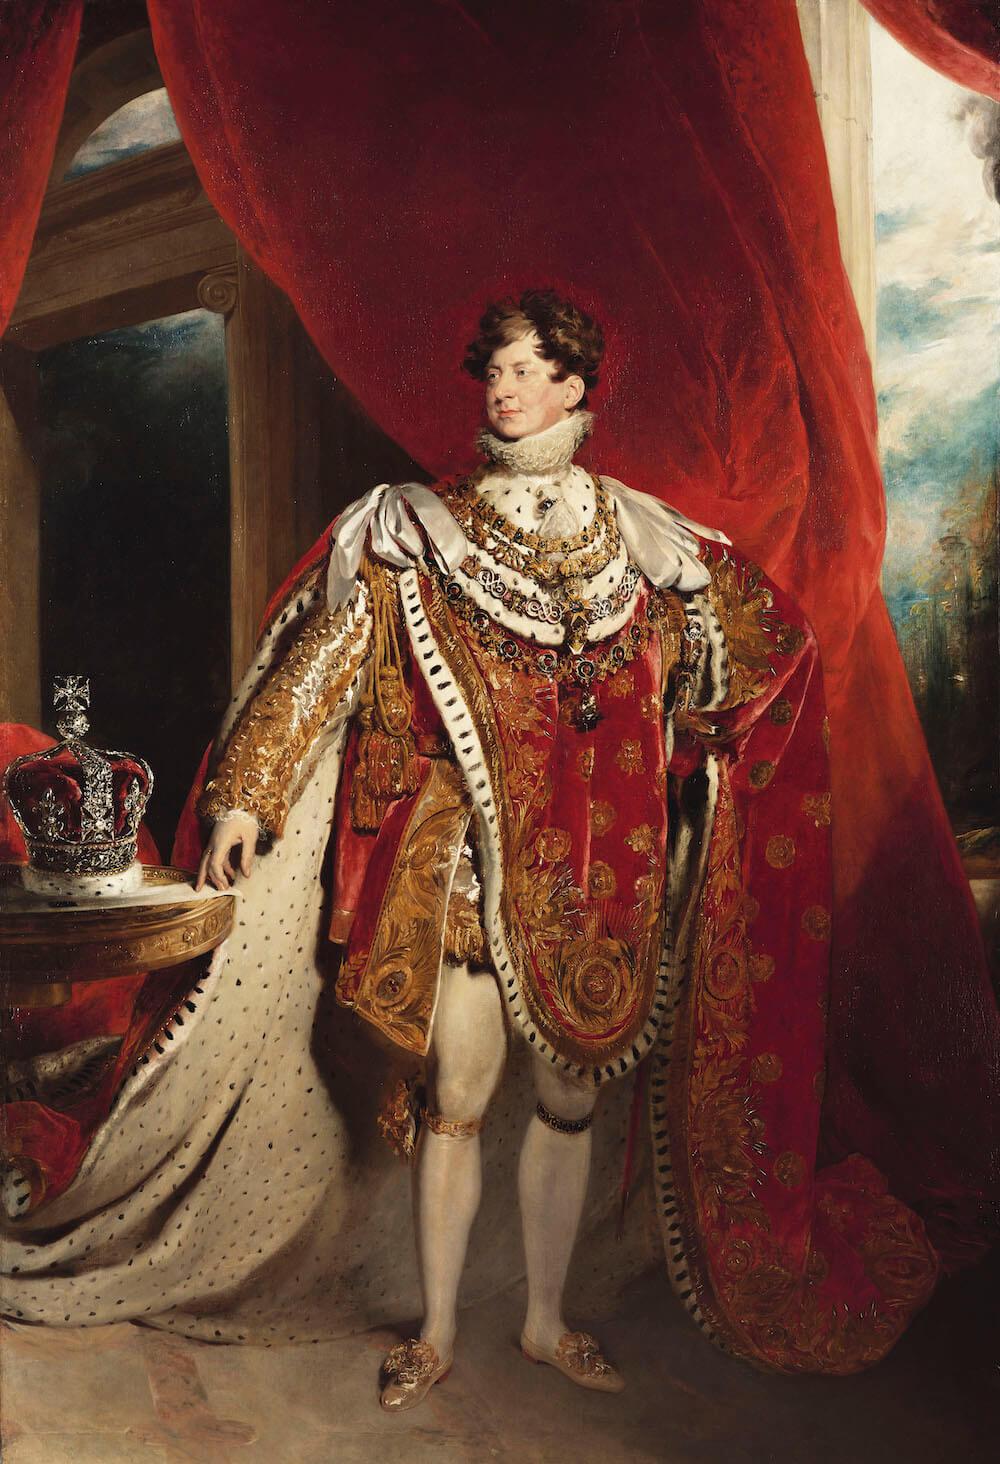 המלך ג׳ורג׳ הרביעי - תערוכה בלונדון